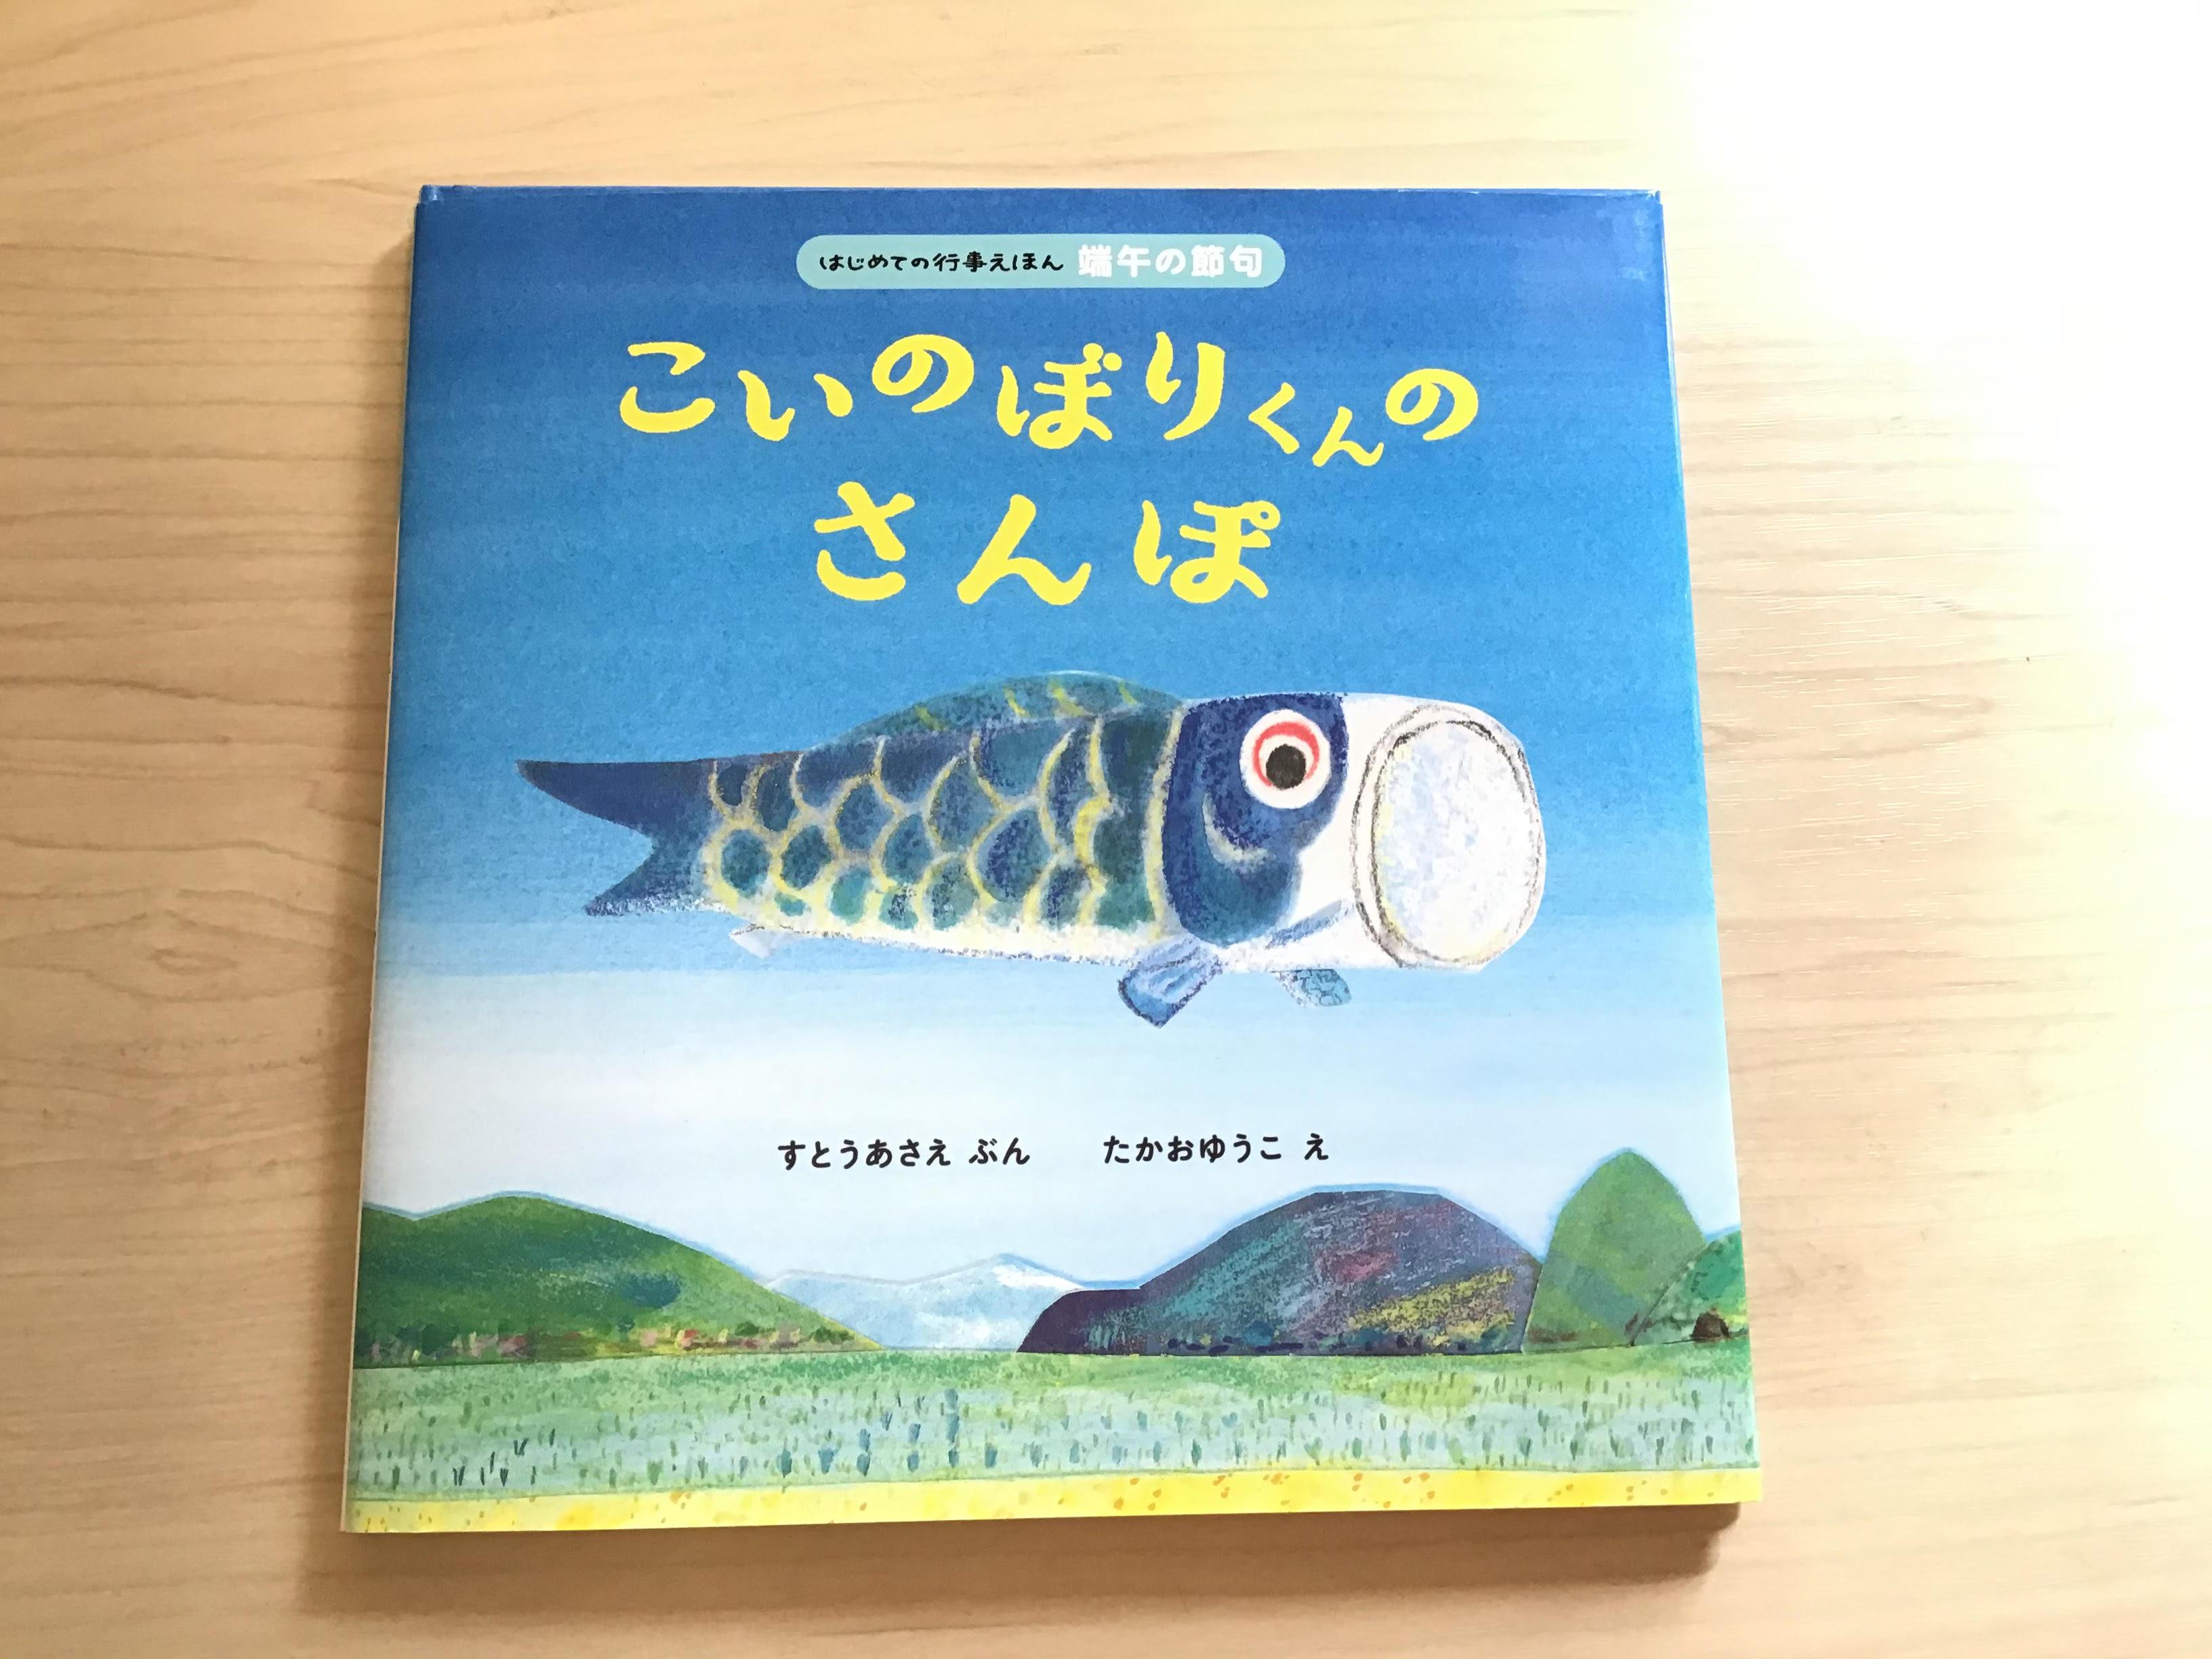 『こいのぼりくんのさんぽ』(ほるぷ出版)